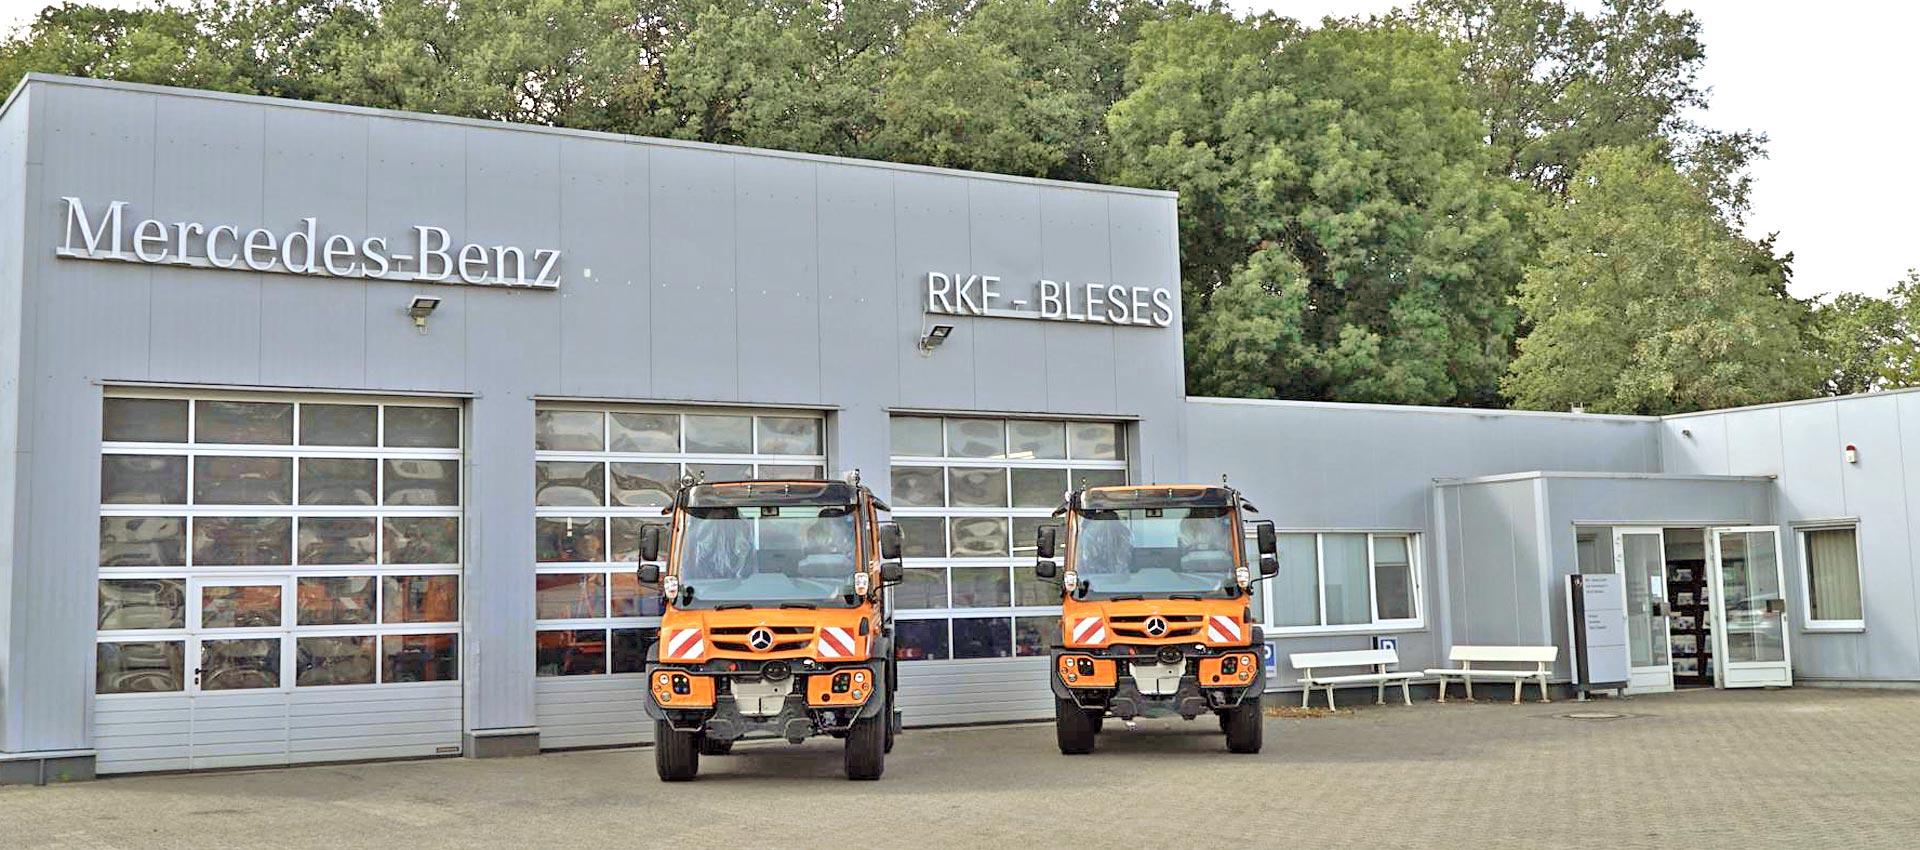 RKF-Bleses Kontakt Münster